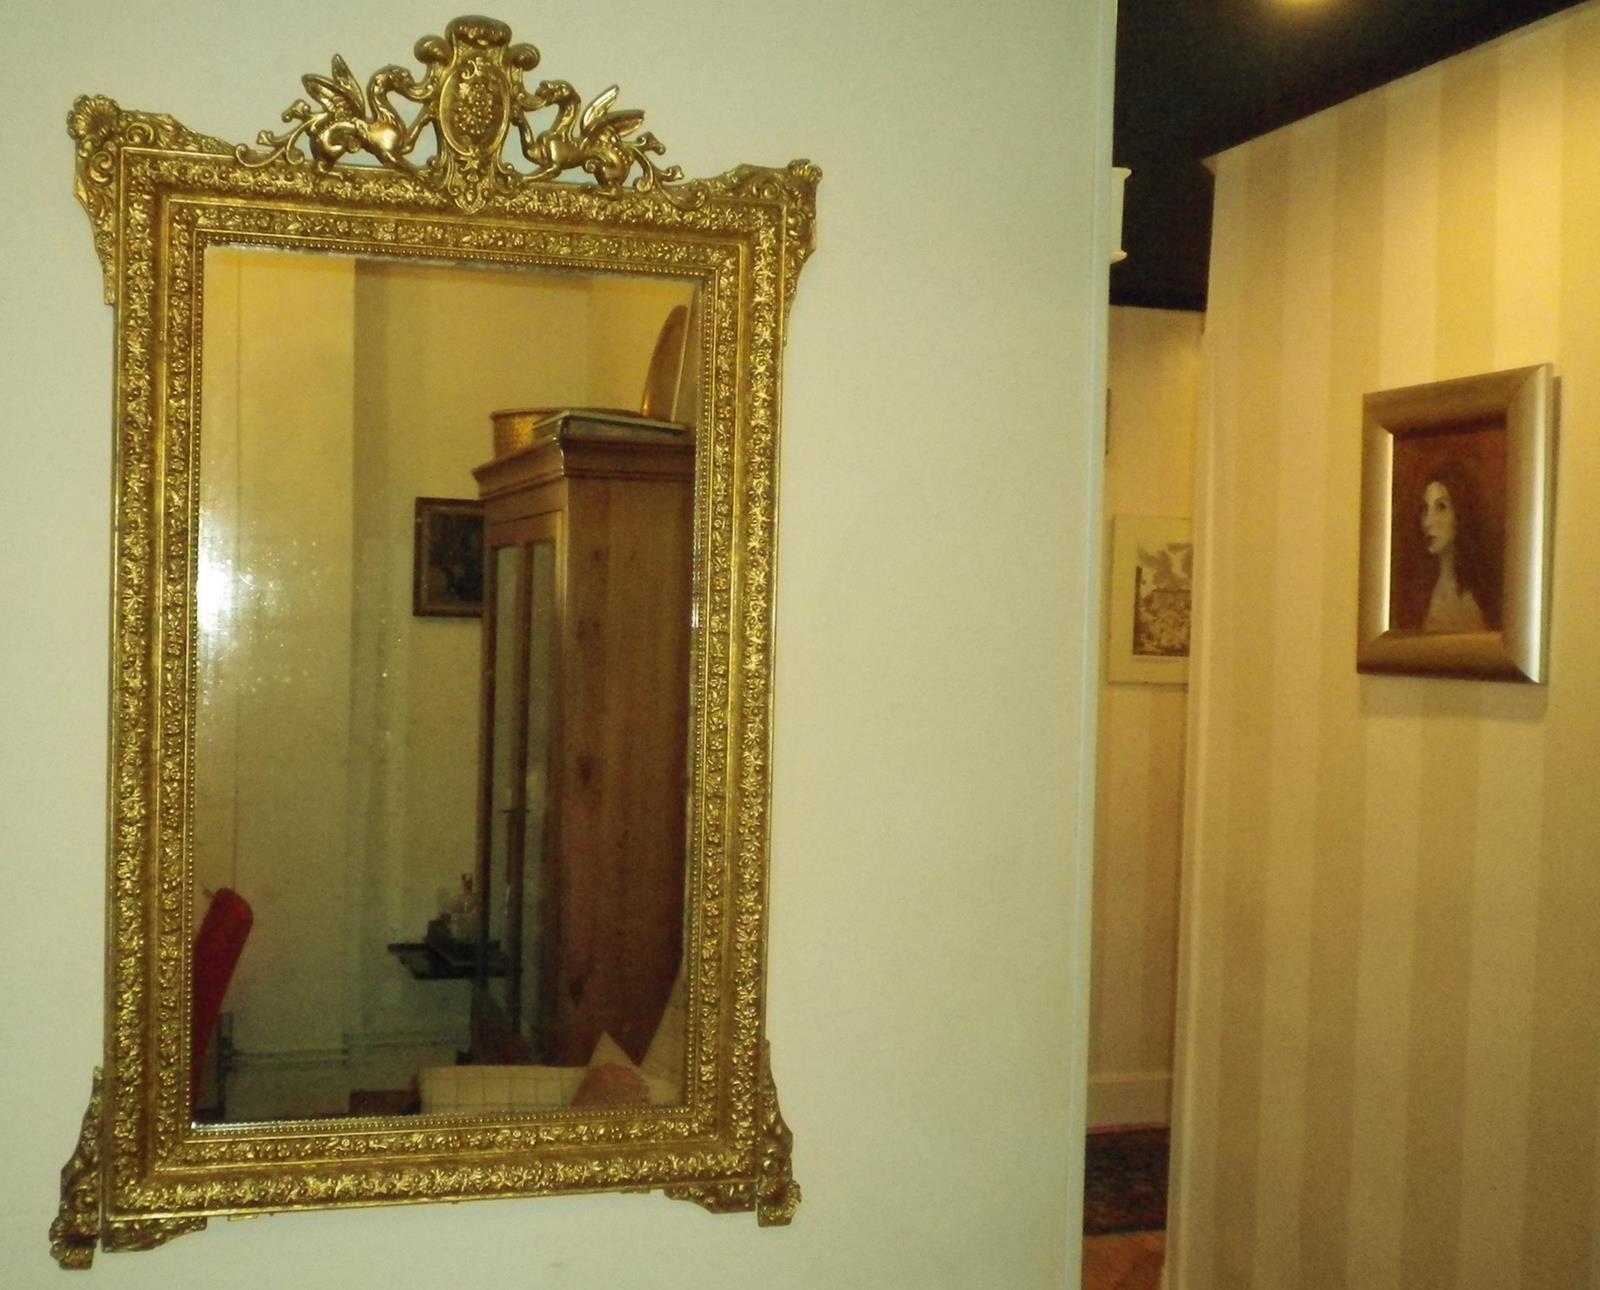 Restaurar muebles antiguos la casa de cora for Restaurar muebles antiguos